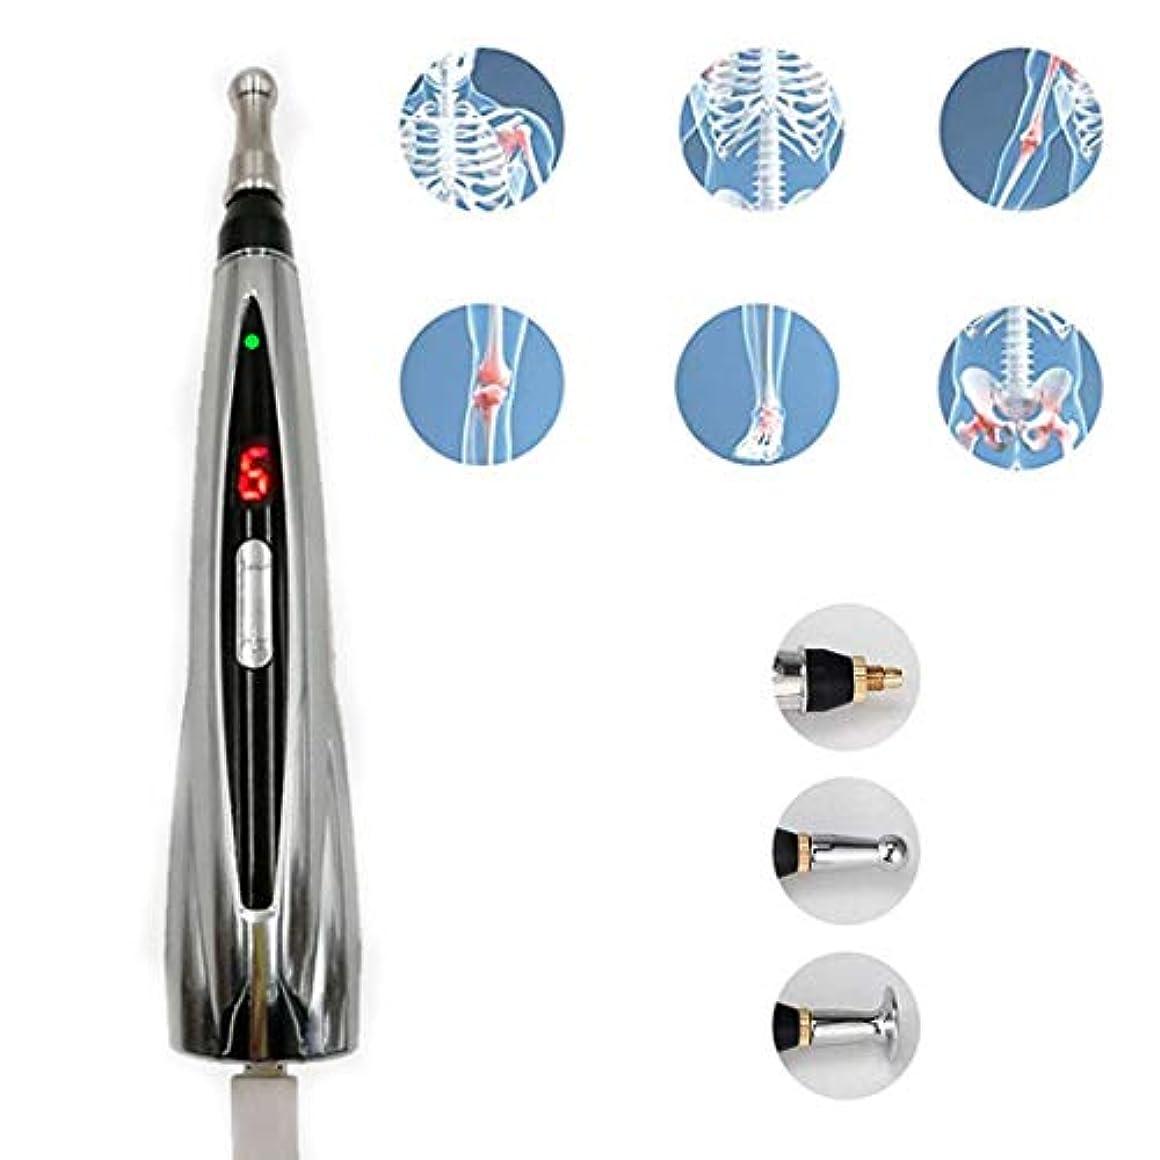 きらめくマージ行うメリディアンペンの充電、USB充電鍼ペンハンドヘルドマッサージペン痛みストレス緩和のための電子鍼17.5cm * 3cmシルバー